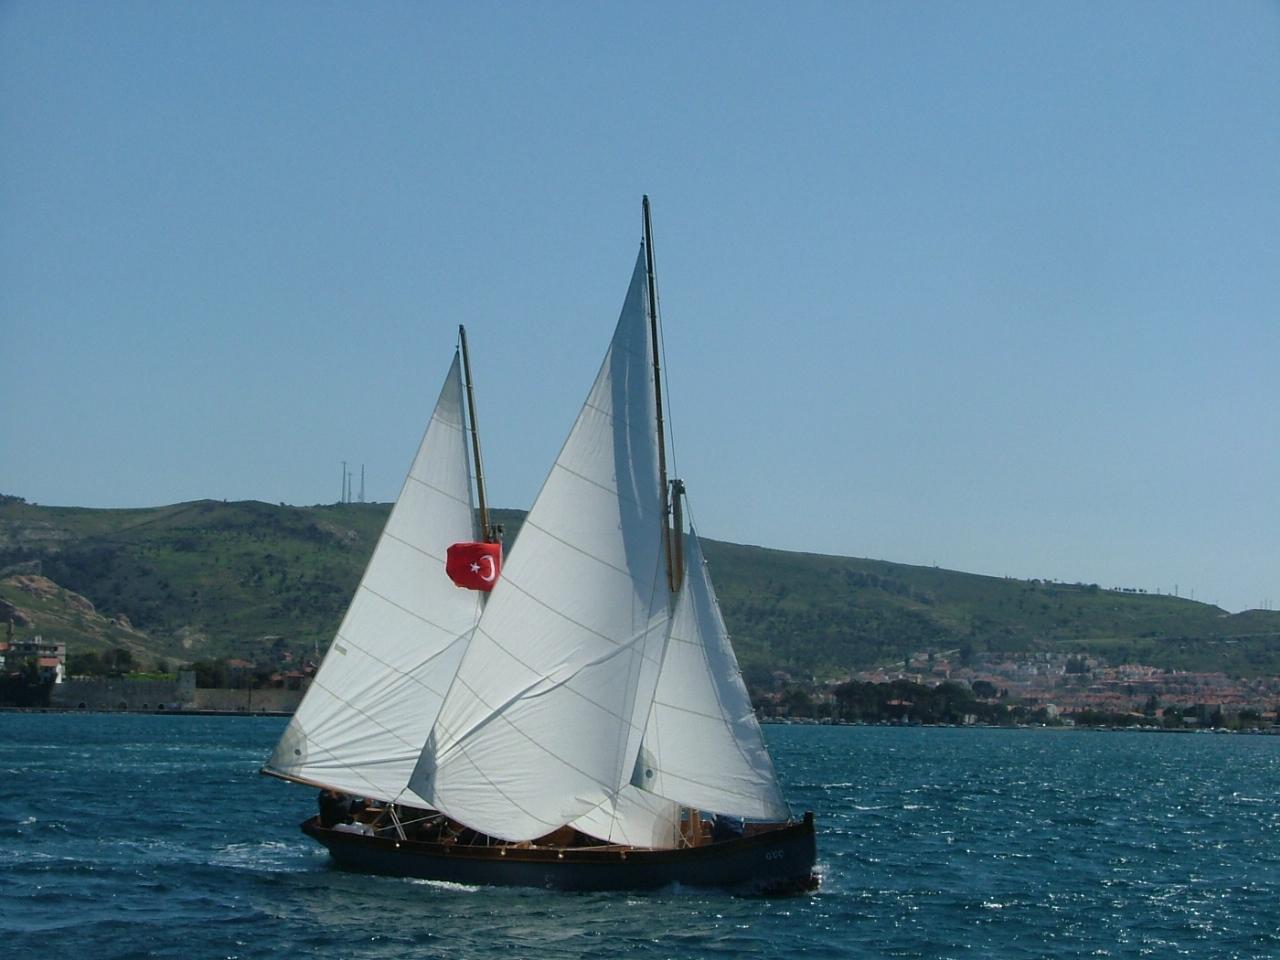 DSCF9504